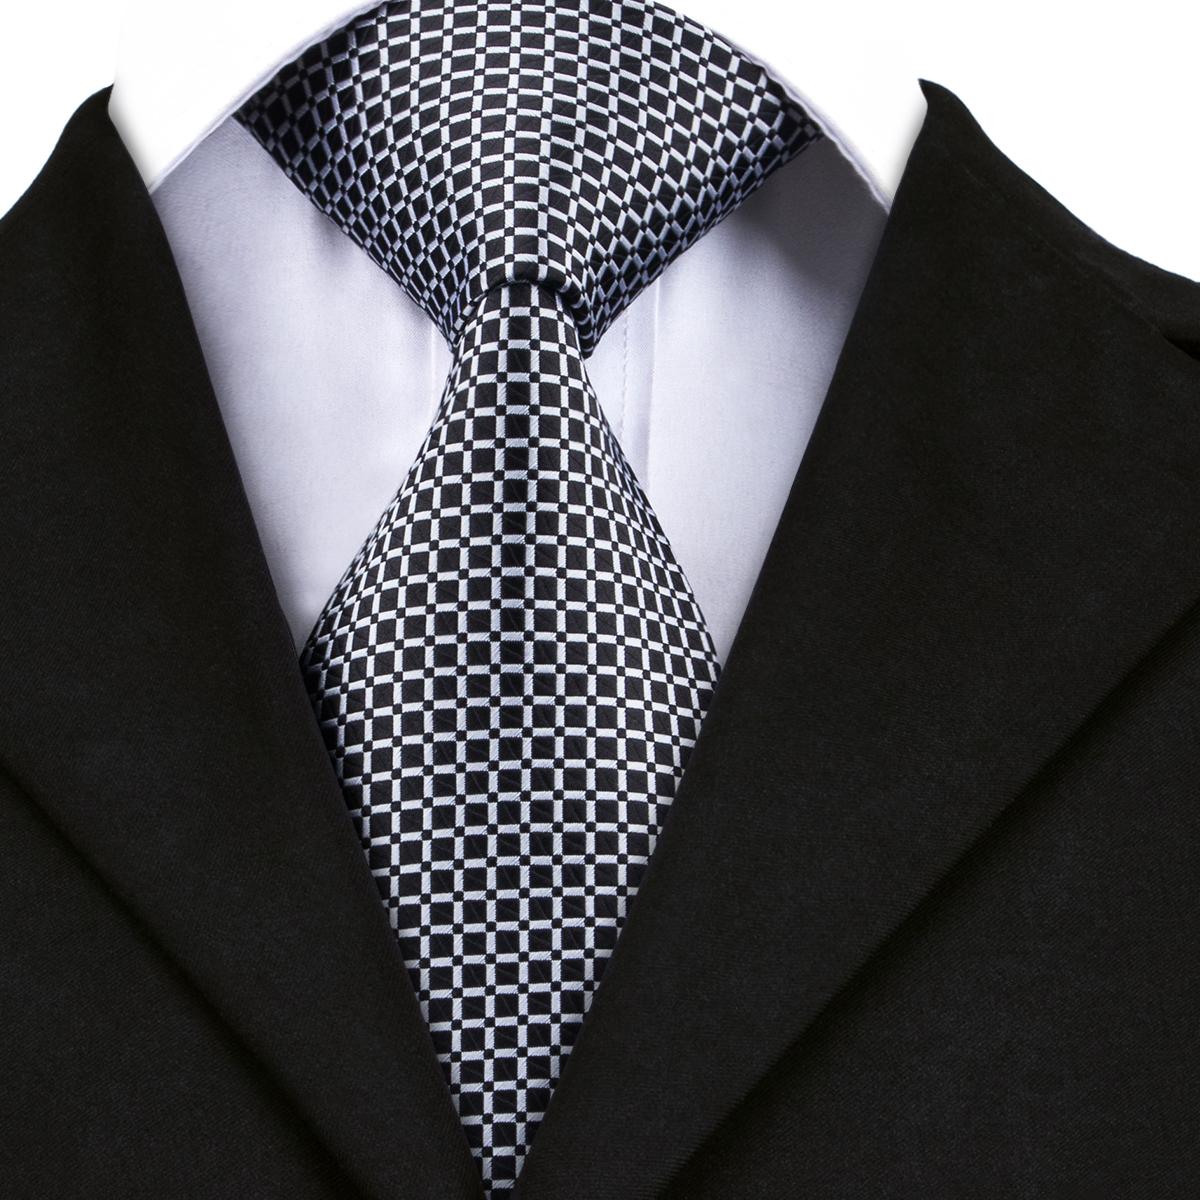 [해외]하이 - 넥타이 브랜드 블랙 망 넥타이 패션 격자 무늬 넥타이 100 % 실크 핸드 남자 자갈 정연한 넥타이 공식적인 넥타이 8.5cm DN-1483/Hi-Tie Brand Black Mens Ties Fashion Plaid Necktie 100% Silk H